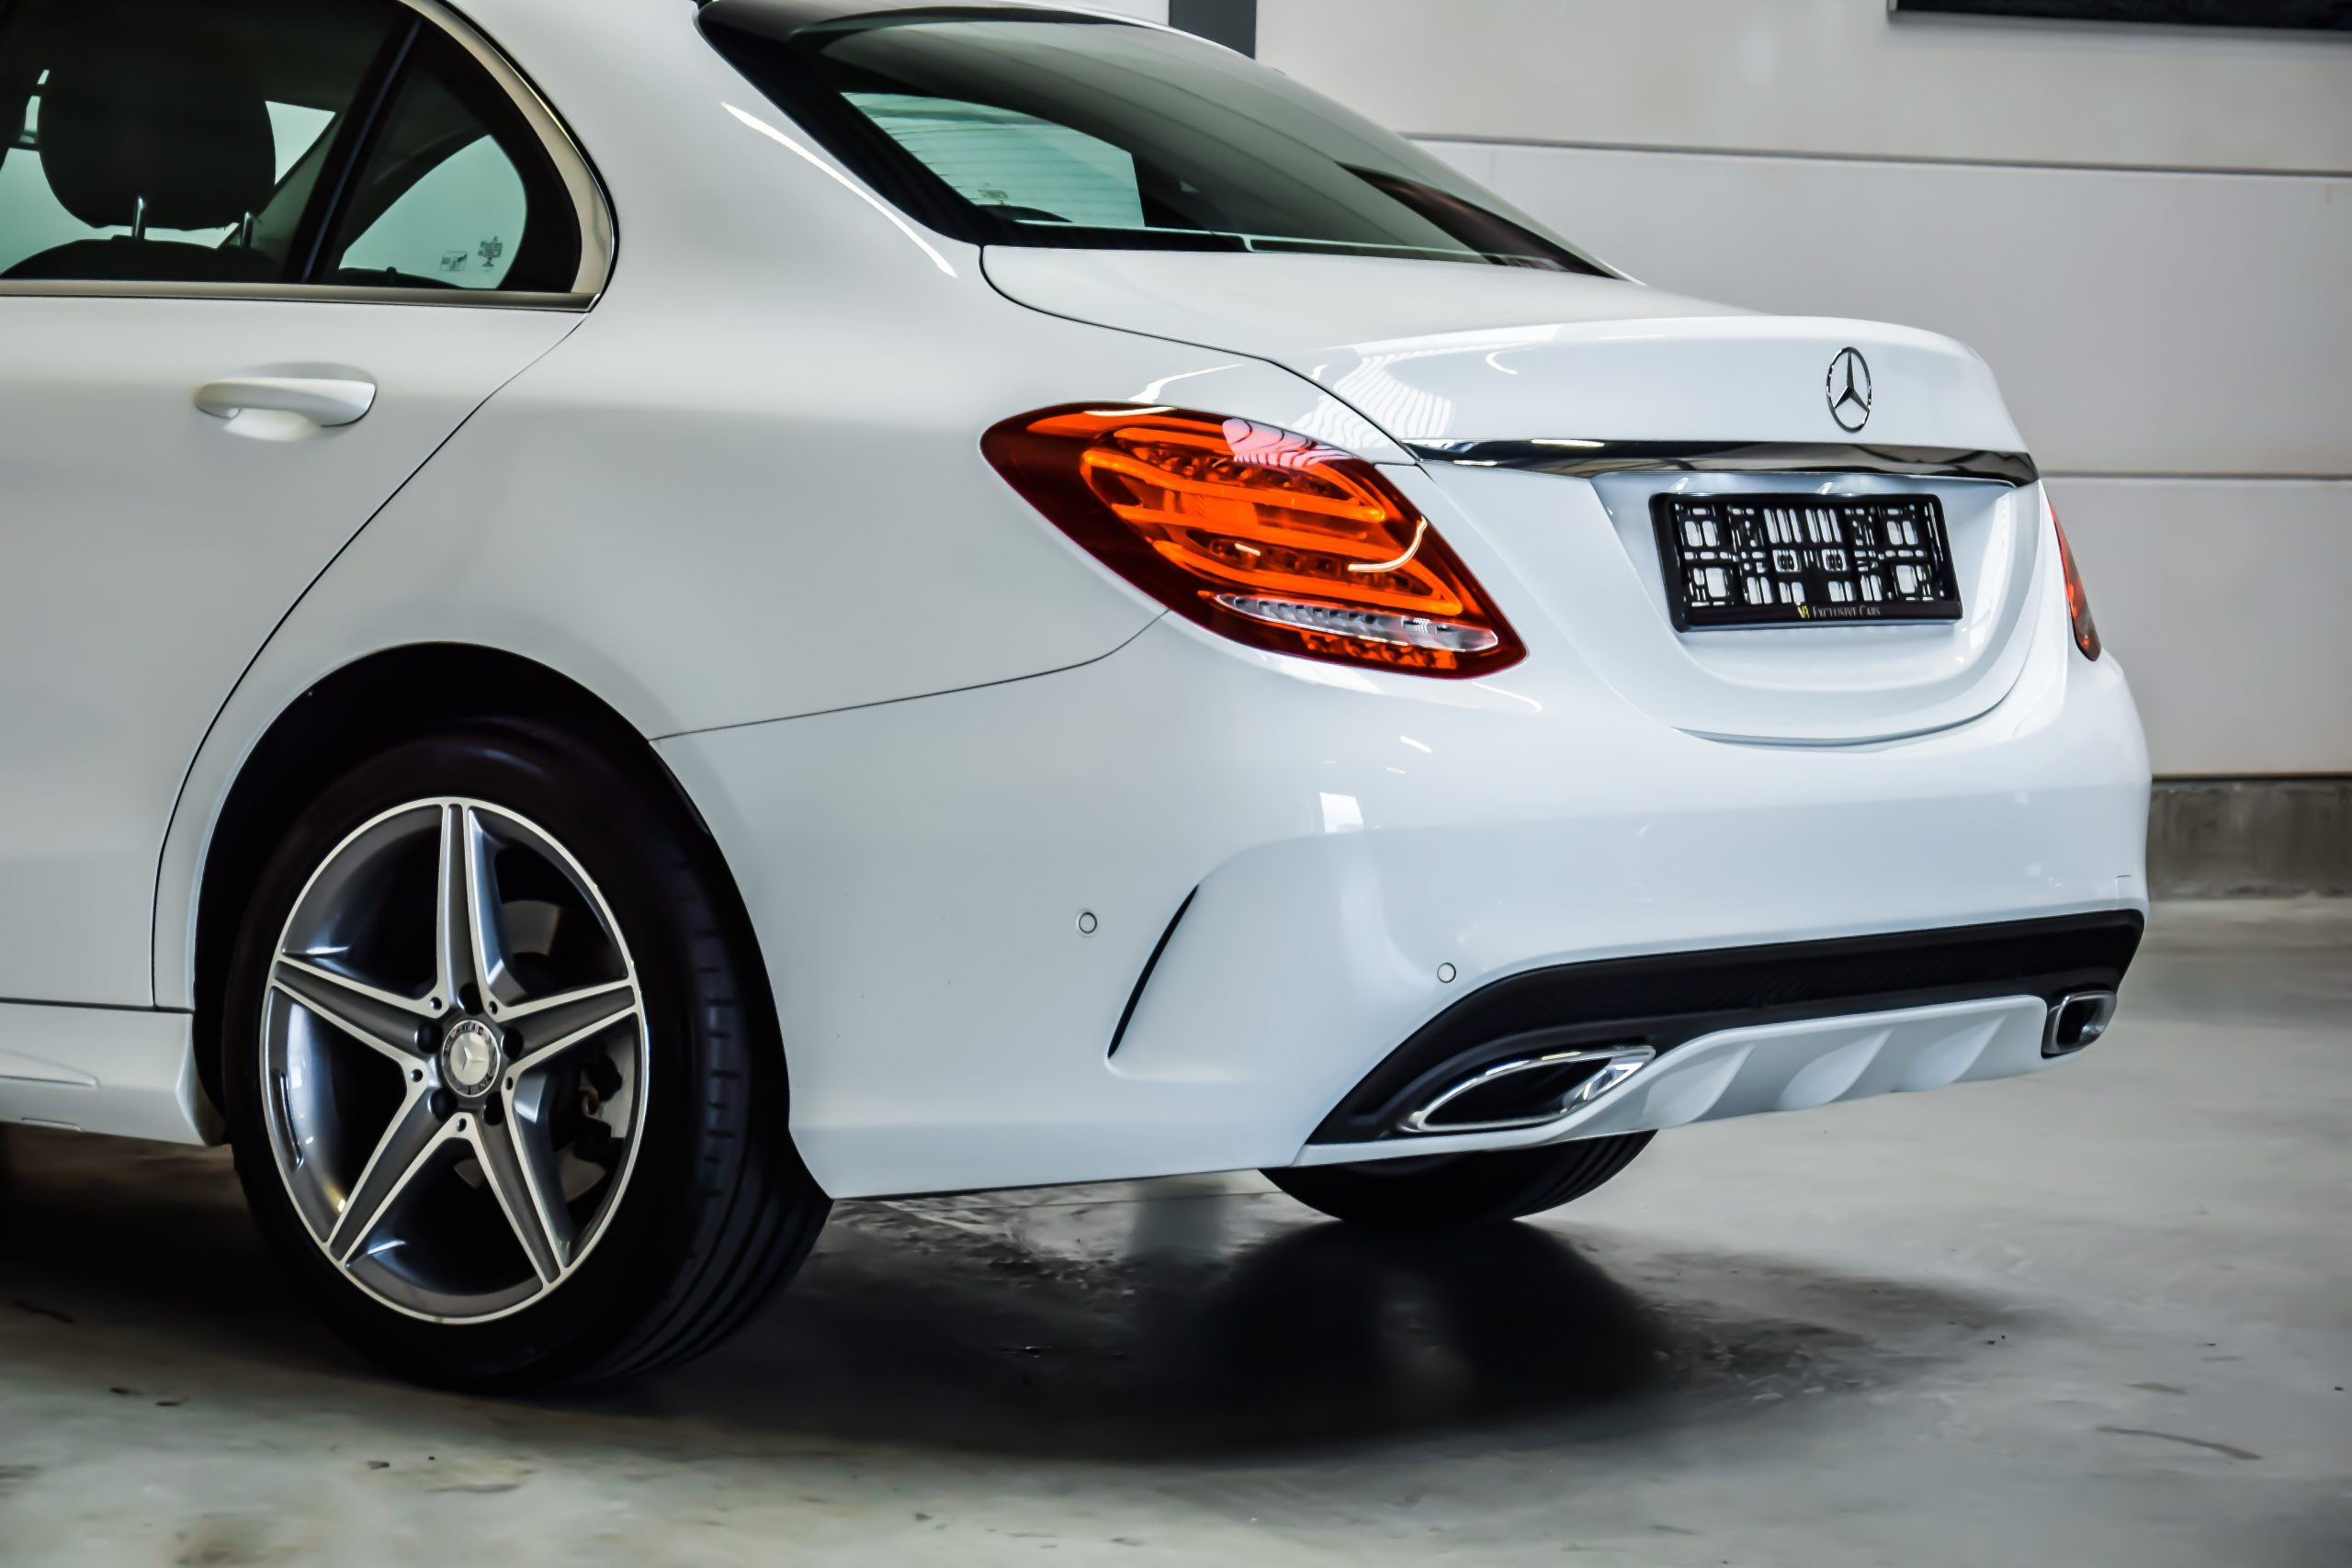 Mercedes-Benz C200d AMG-Sportpakket 06/2015